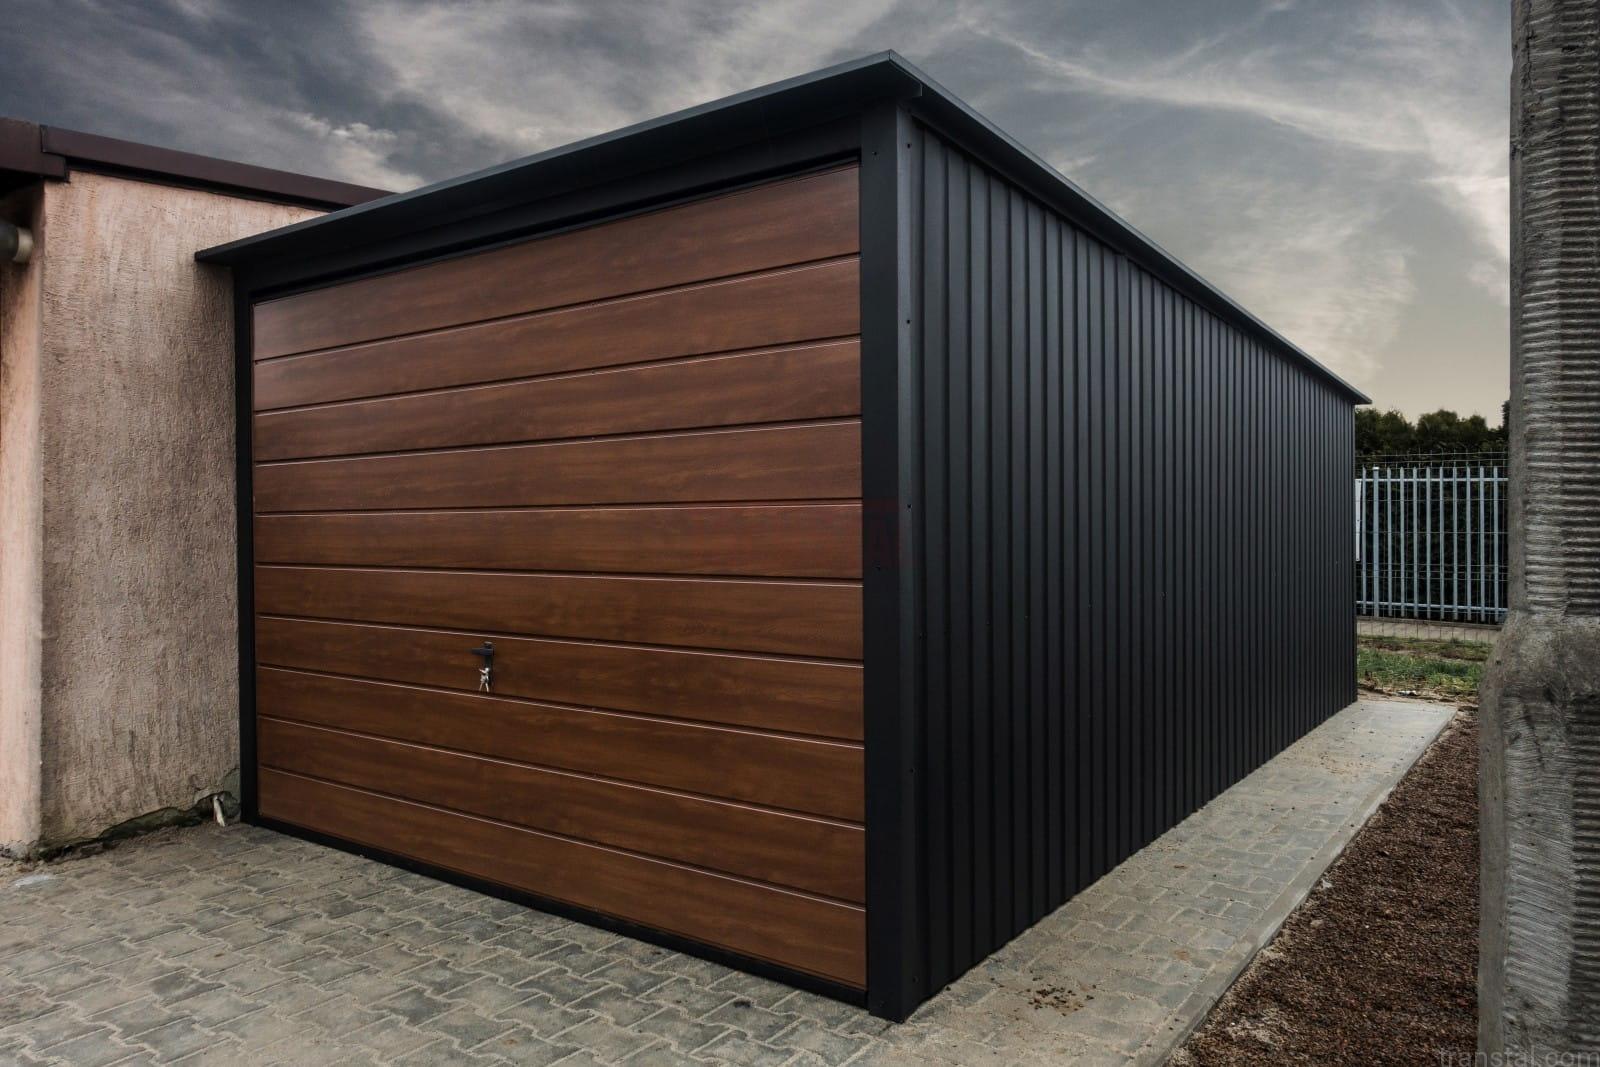 Garaż Blaszany 3x5 Orzech Czarny Matowy Transtal Sklep